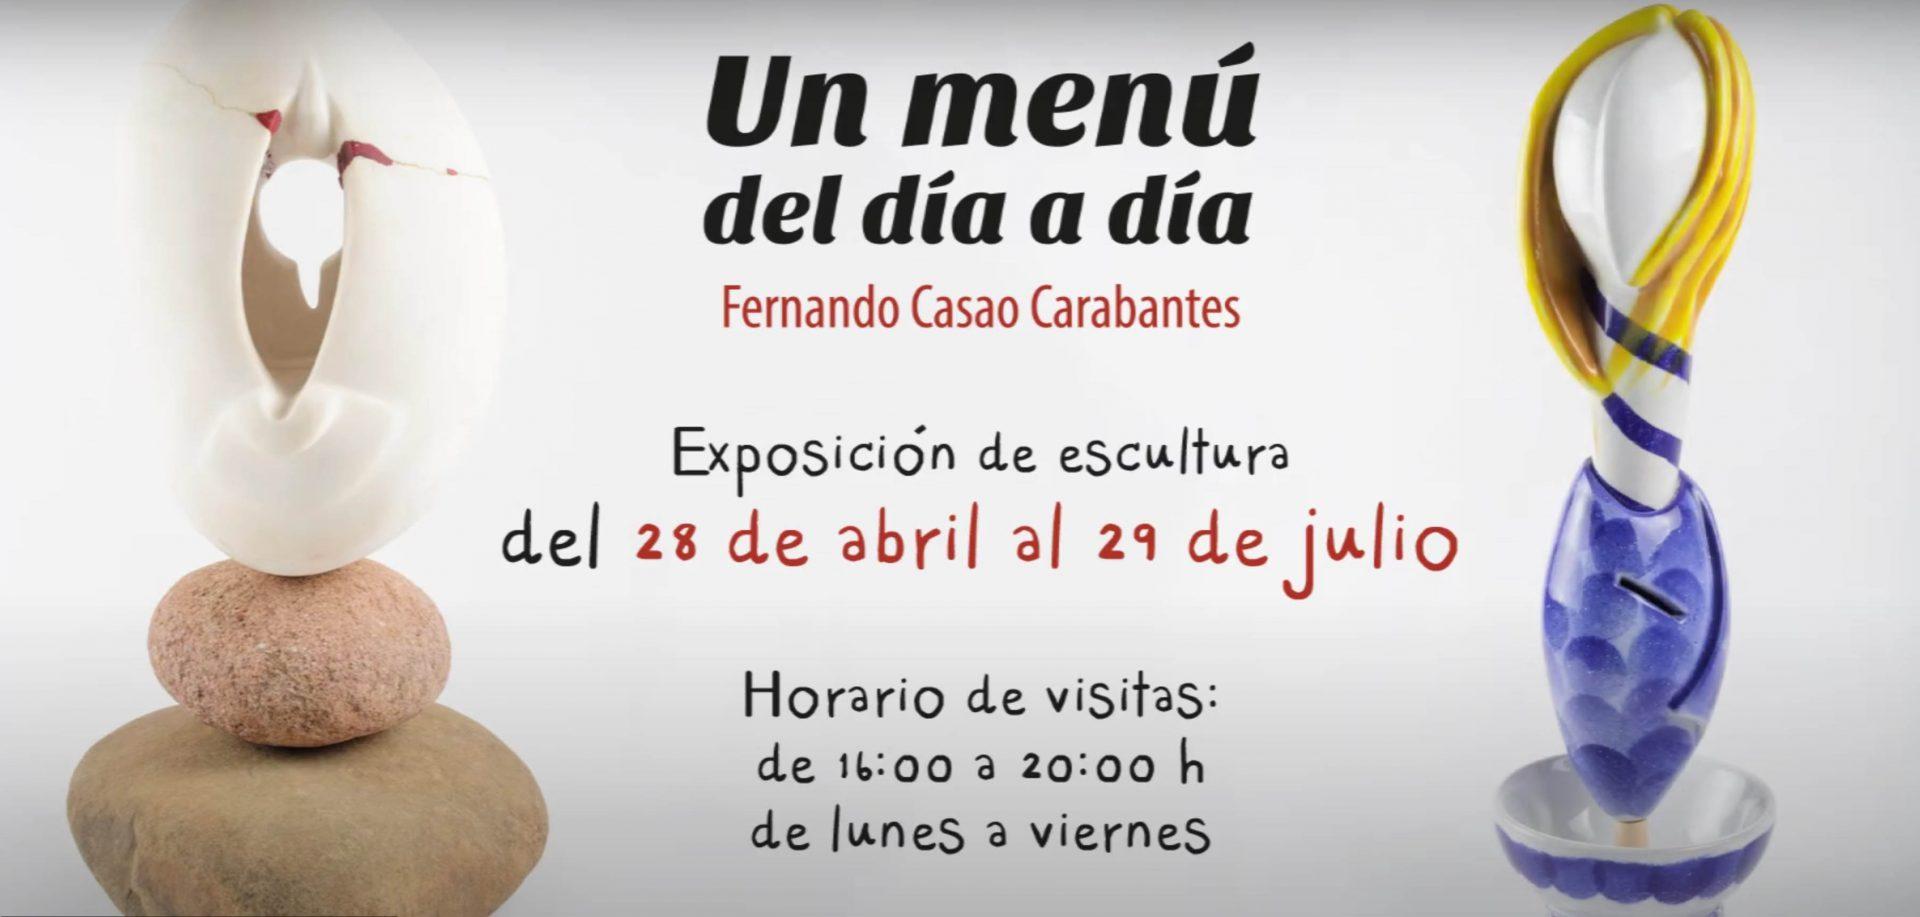 Vídeo exposición Fernando Casao «Un menú de día a día»